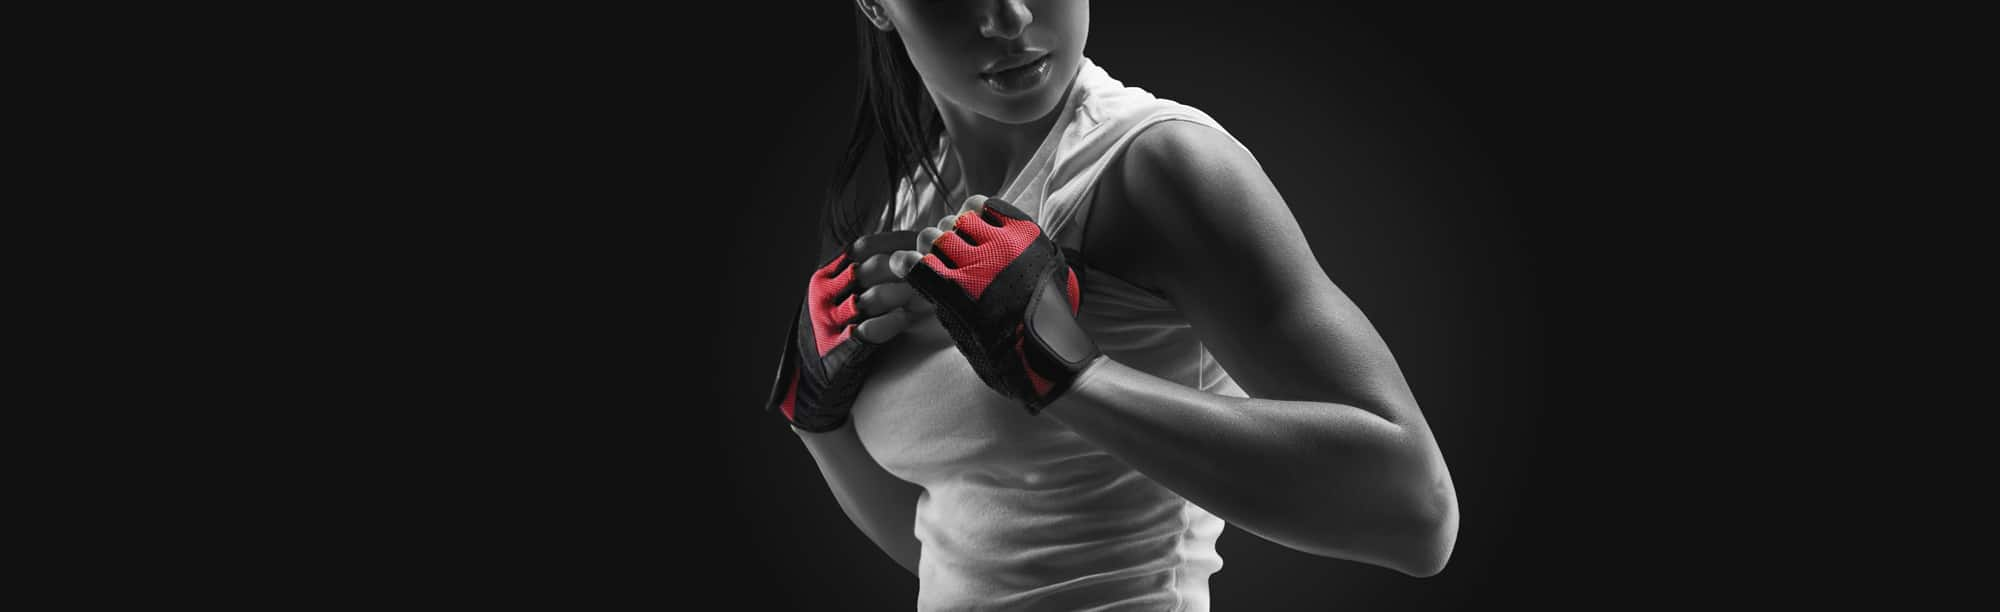 Как выбрать перчатки для тренировок